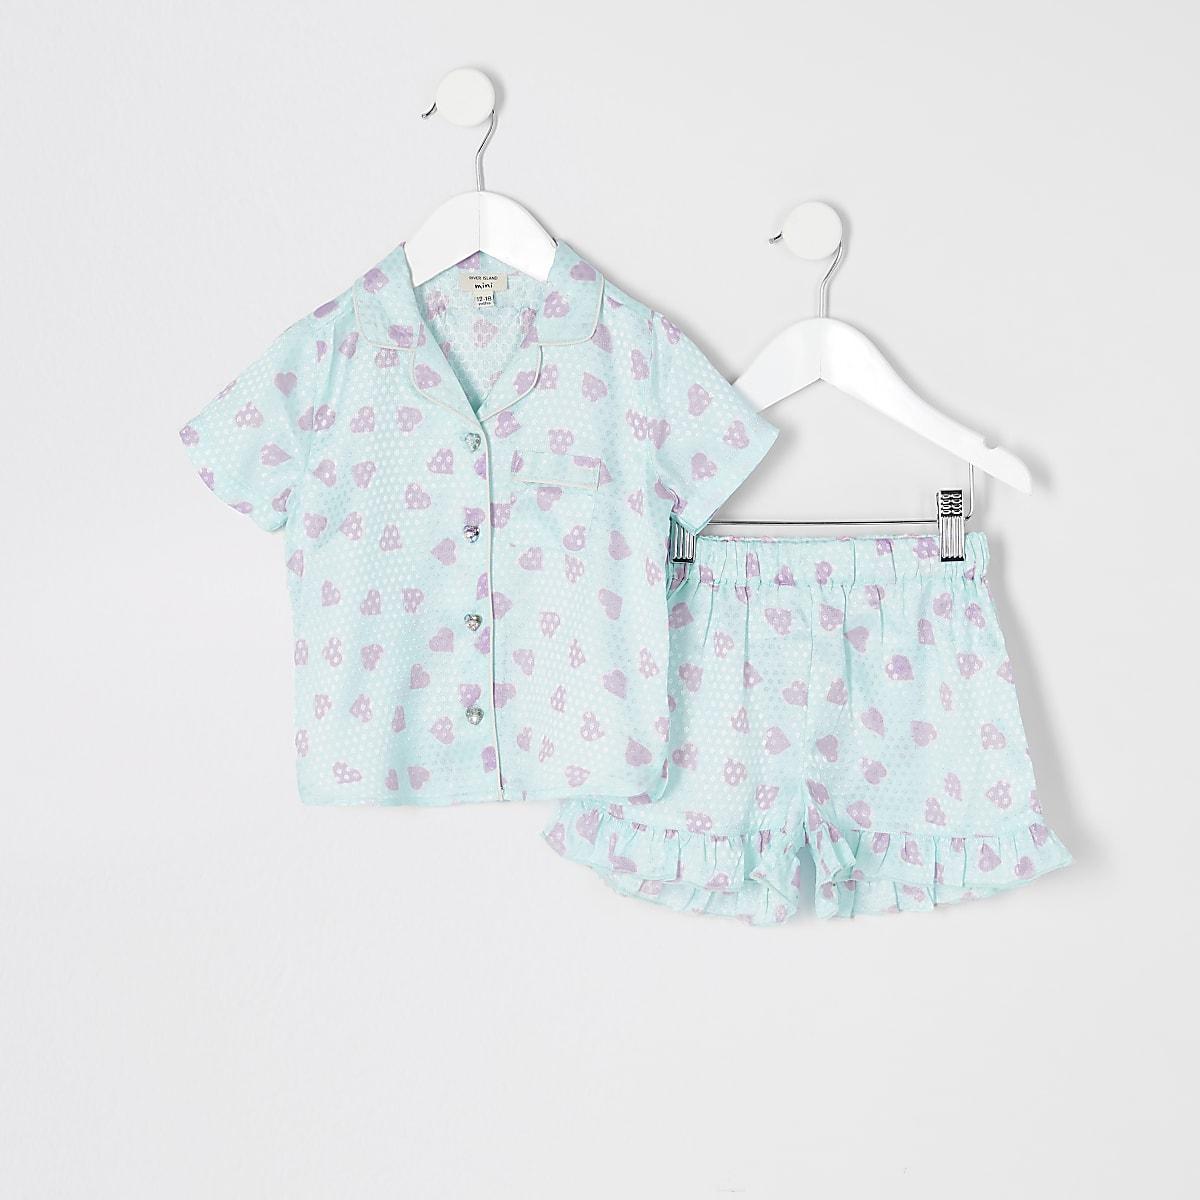 Mini - Blauwe satijnen pyjamaset met print voor meisjes